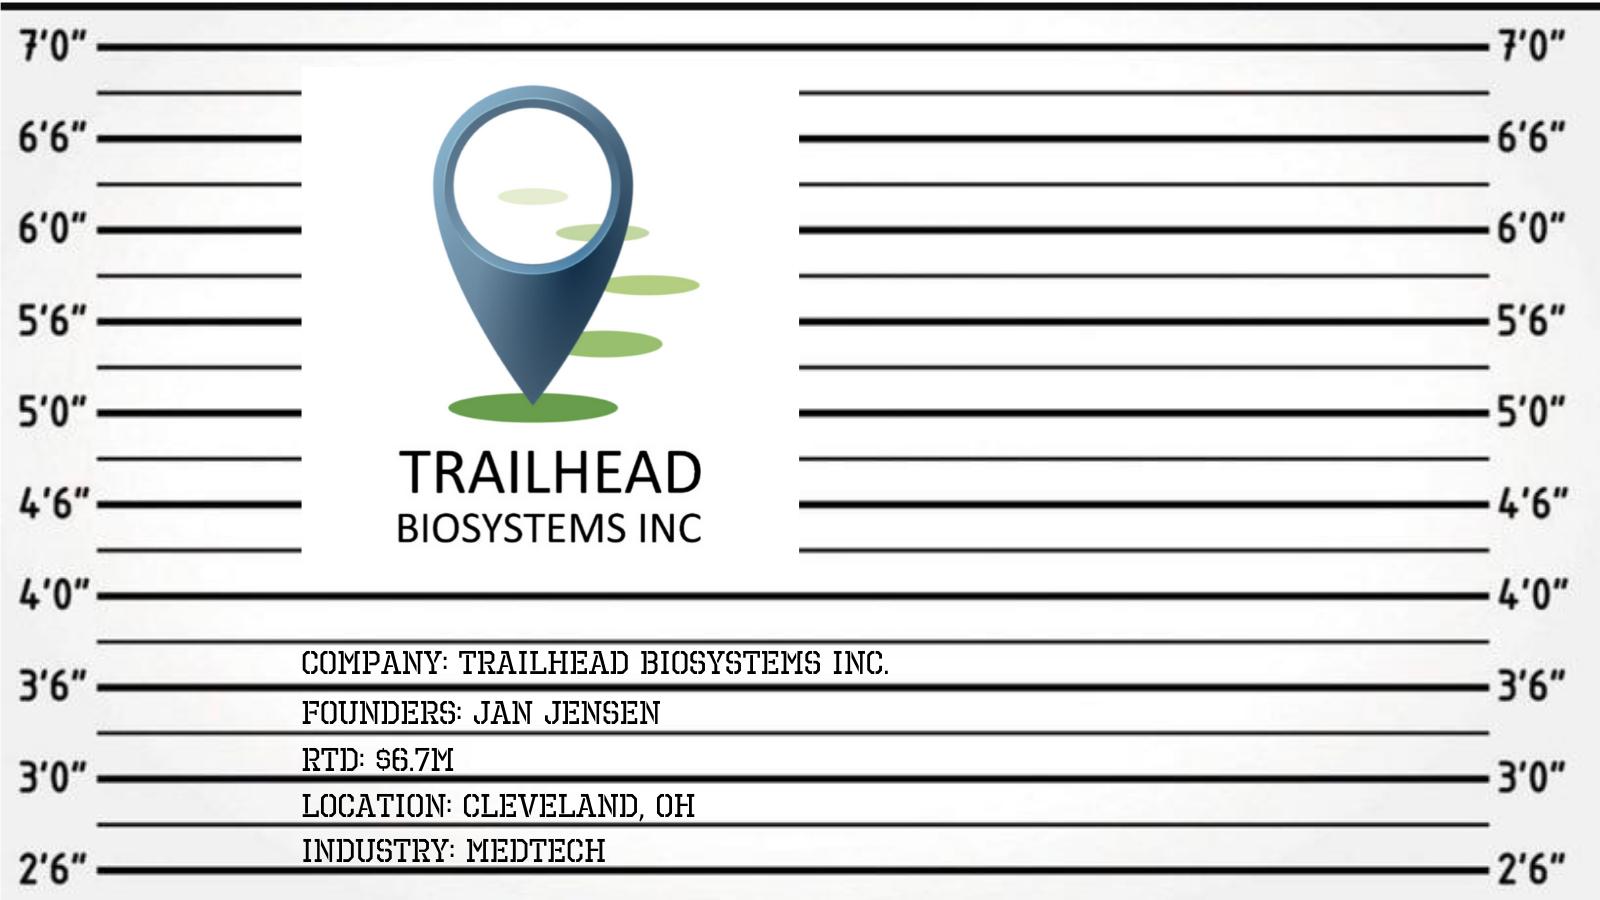 Trailhead Biosystems